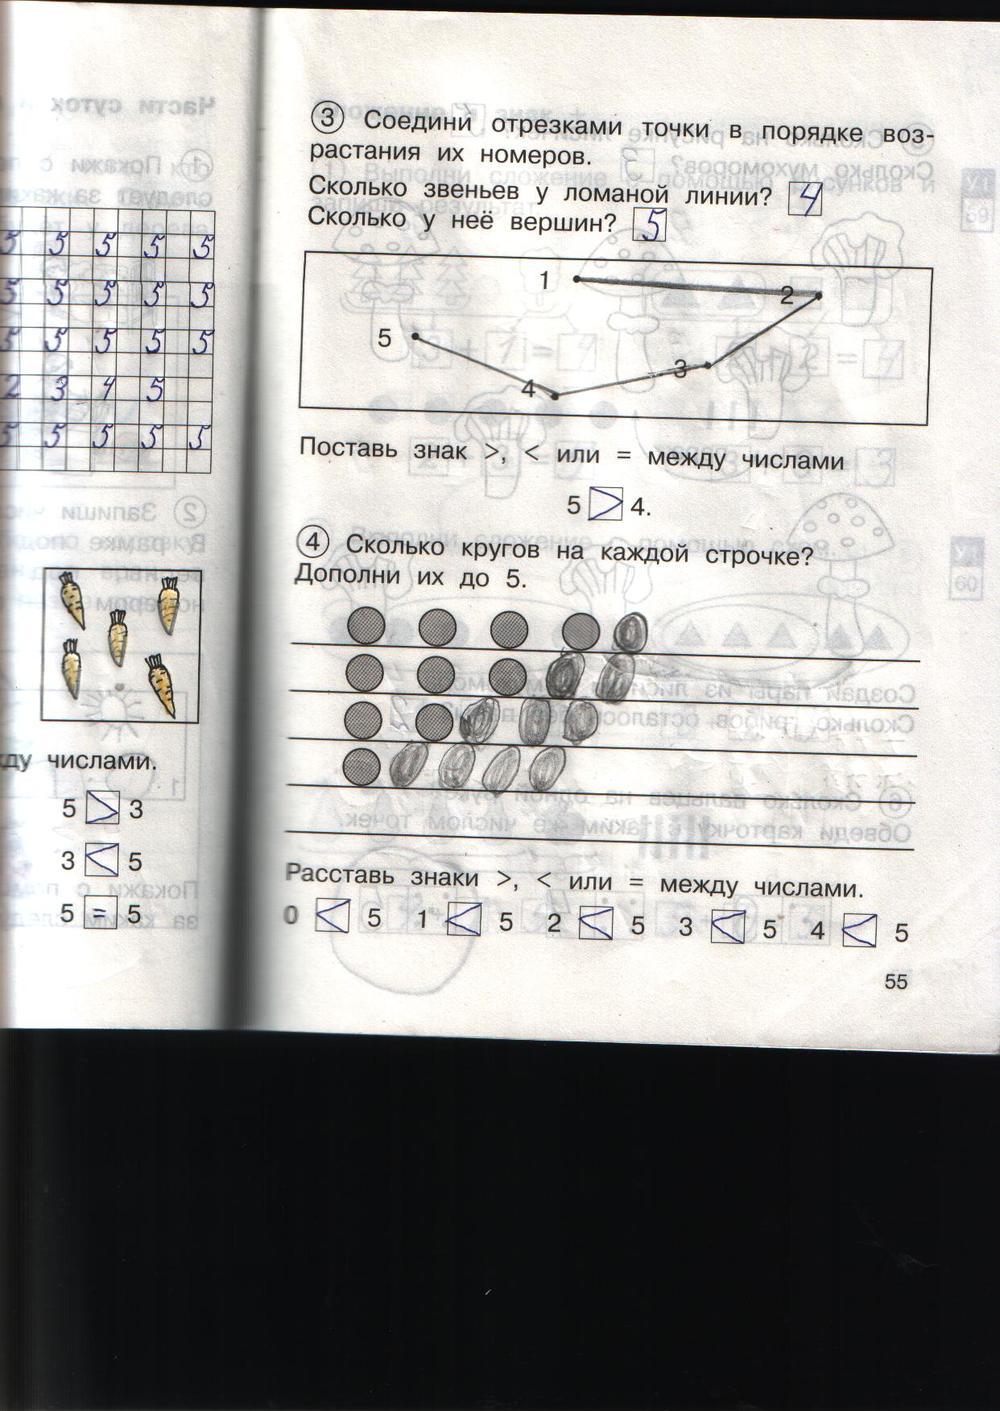 Захарова 2 гдз 1 о а тетрадь по часть класс математике